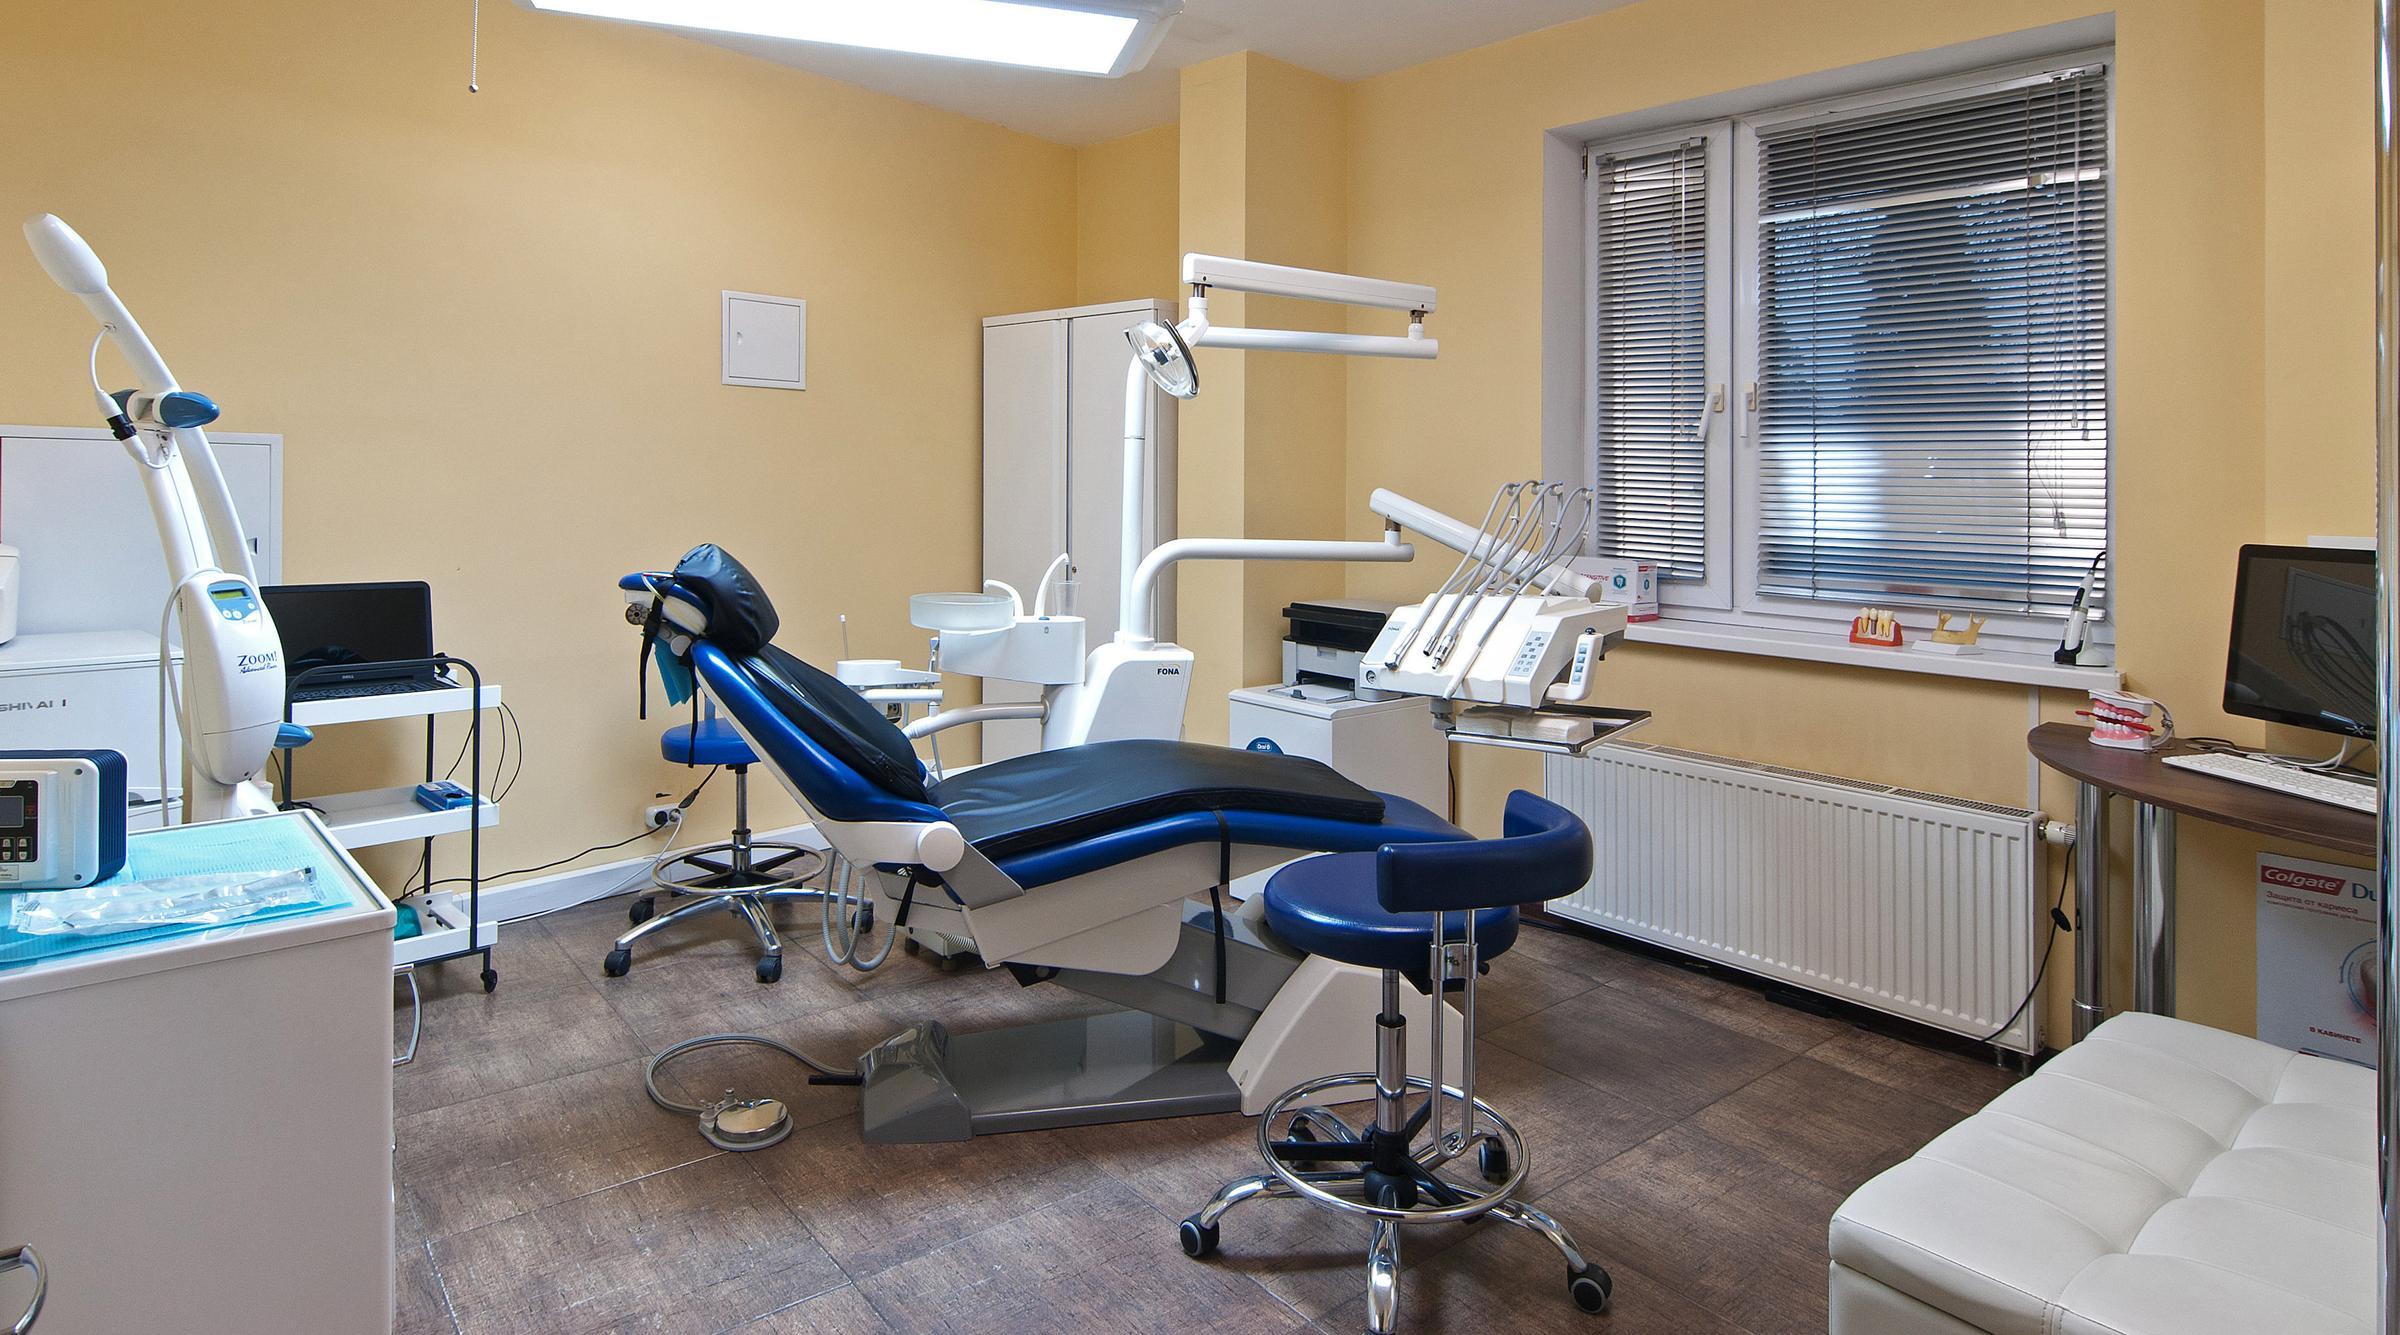 фотография Стоматологии Viva Dent на проспекте Маршала Жукова